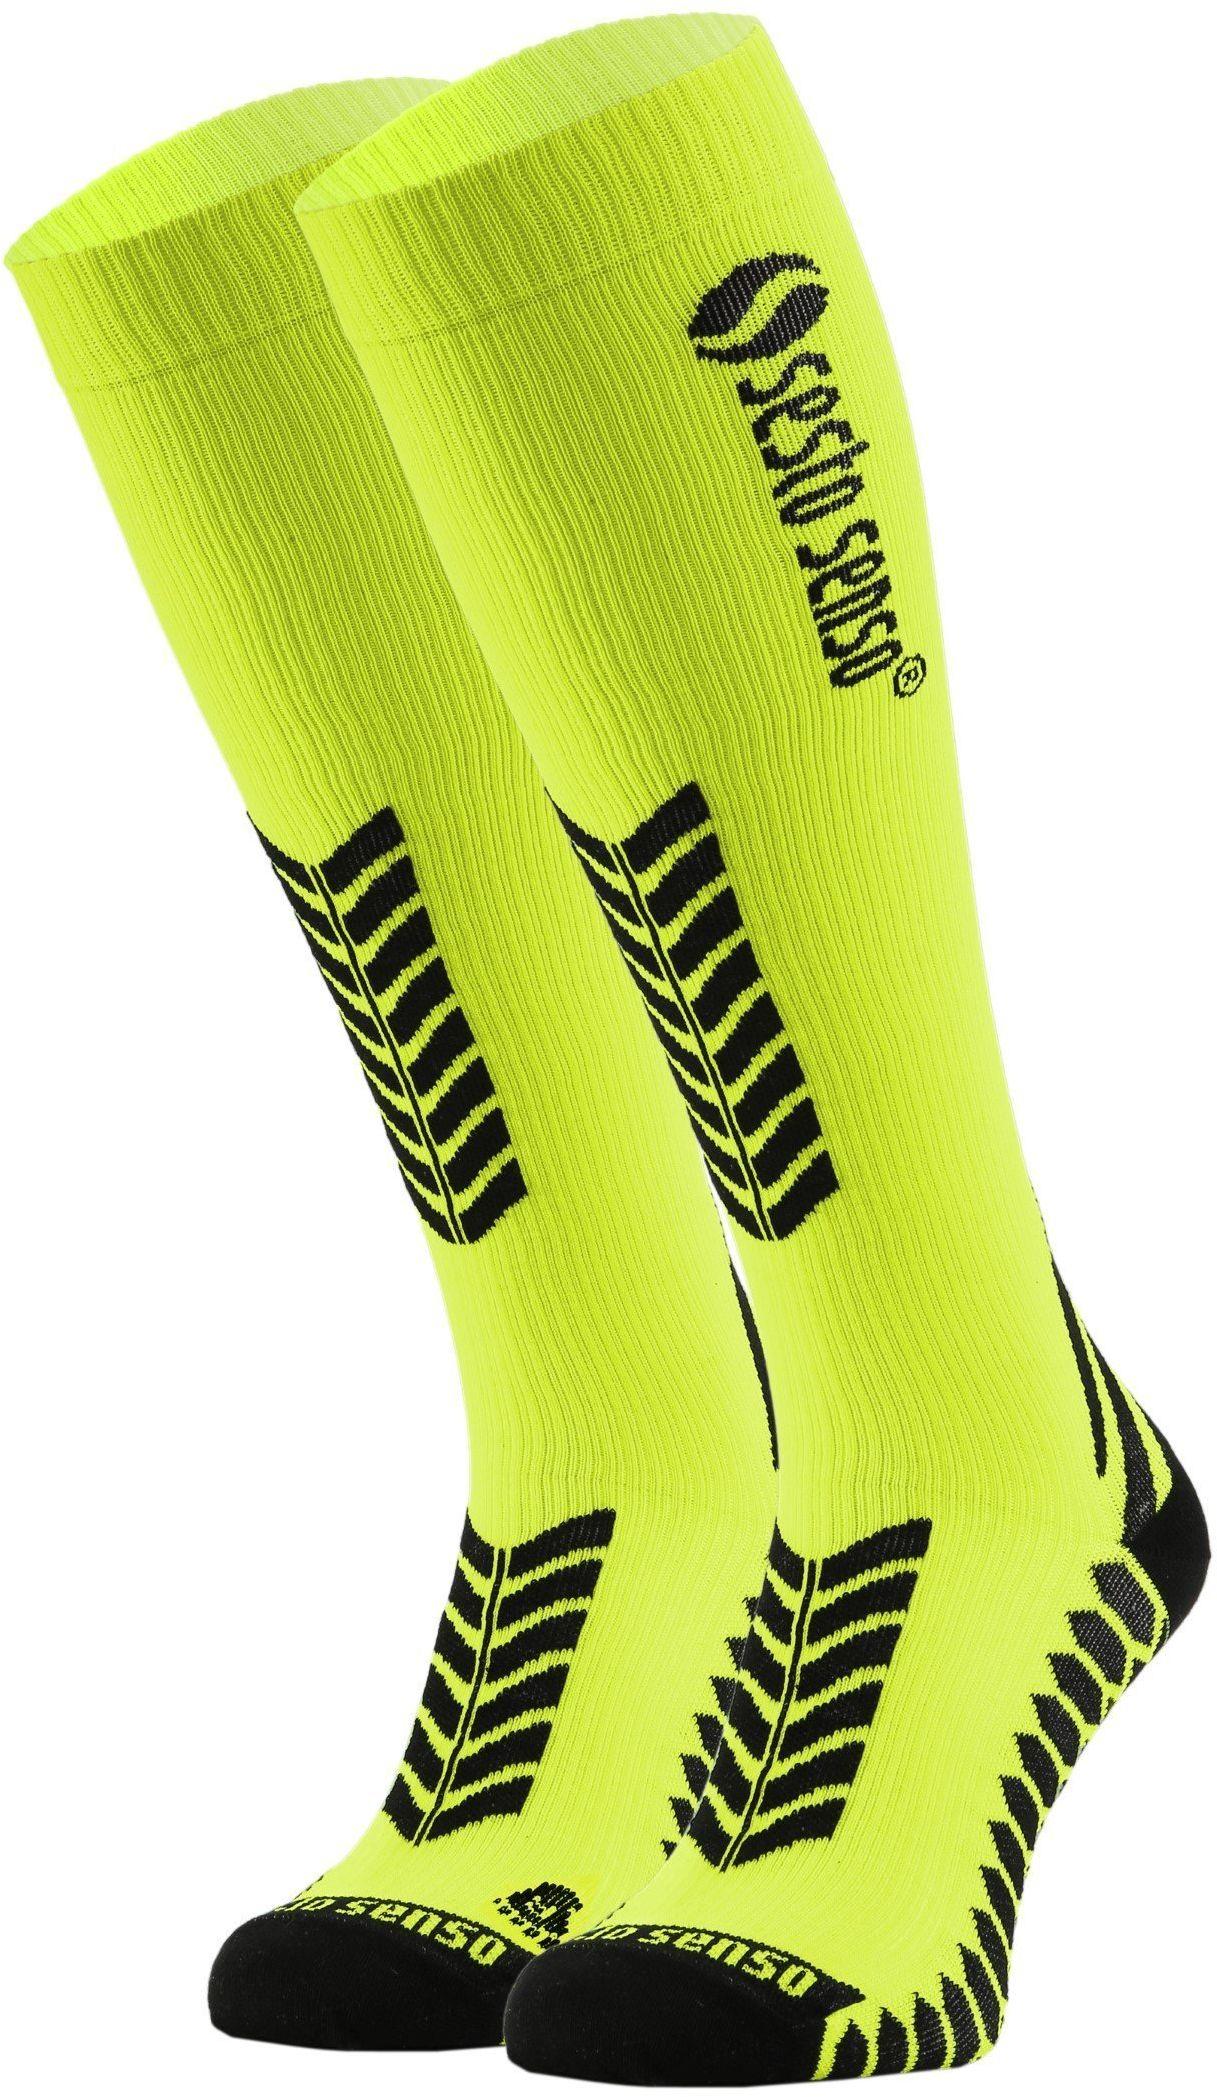 Sportowe KOMPRESYJNE długie skarpety dla biegaczy Sesto Senso